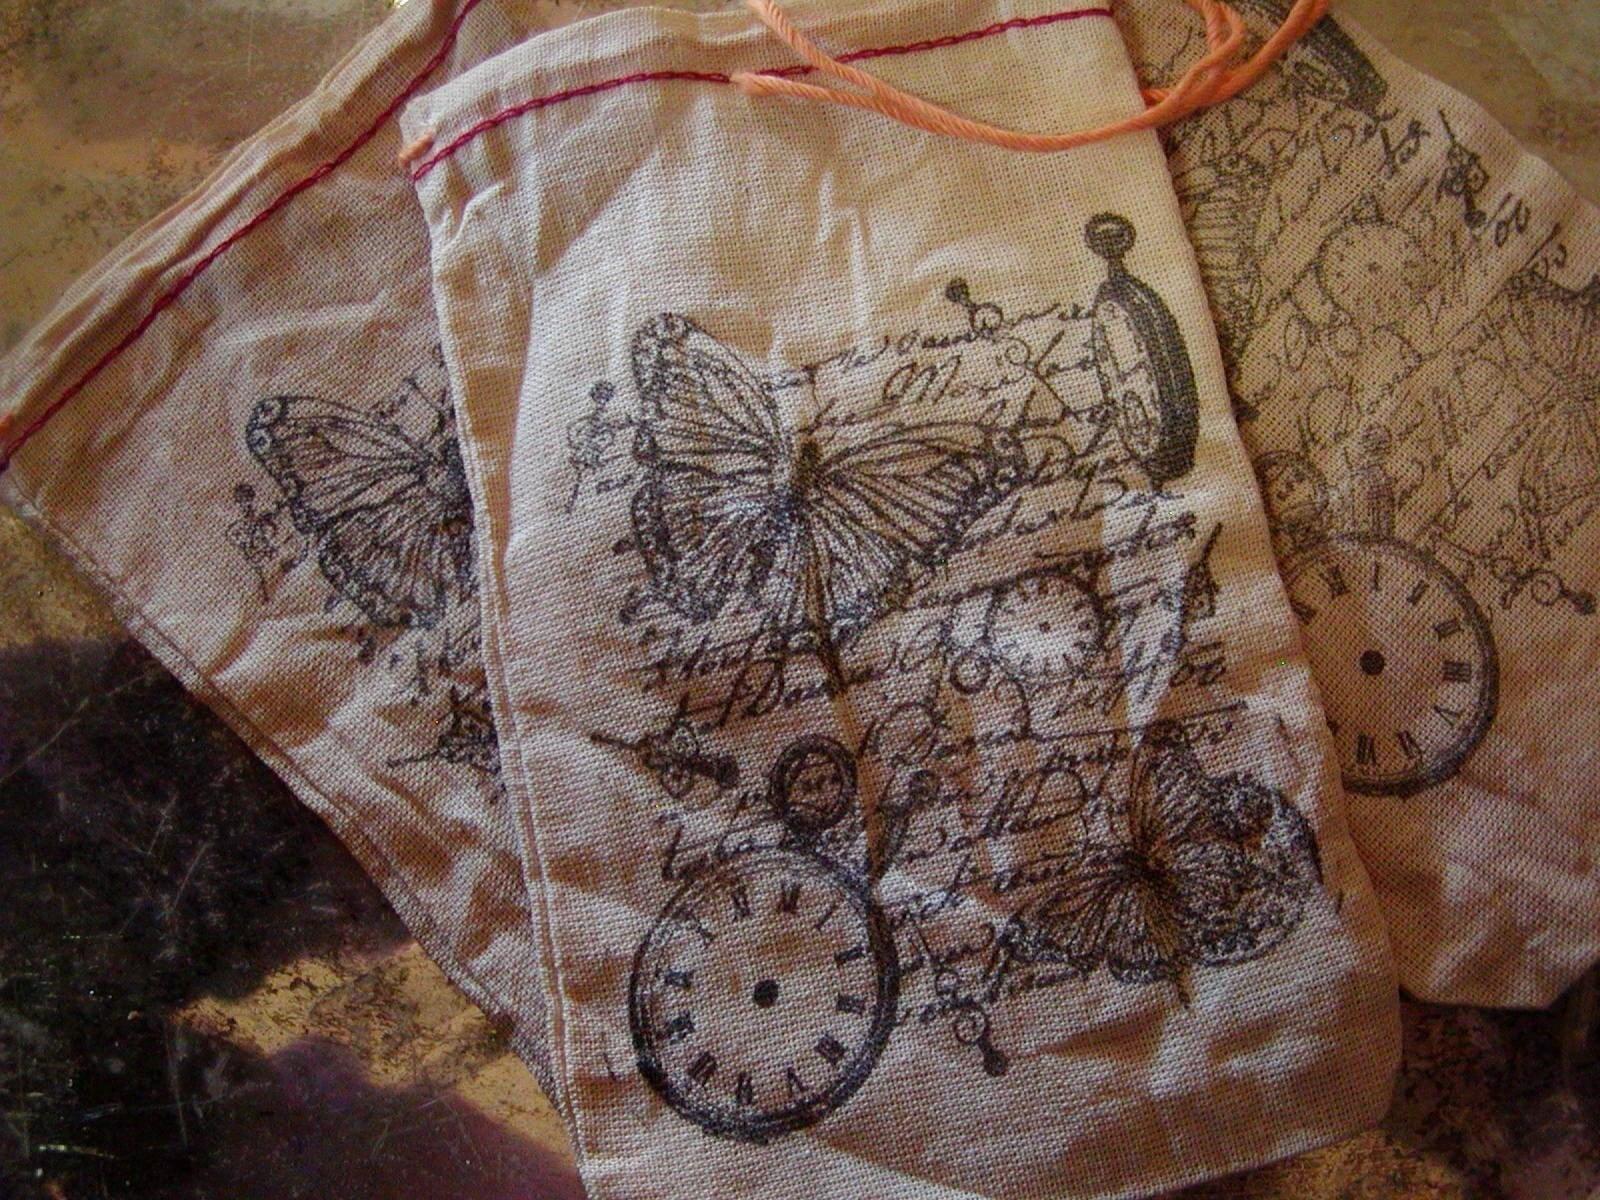 СБОР СУМКИ Набор из 3 Муслин мешки Drawstring - Чехол рук штампованных Старый syle Всемирным